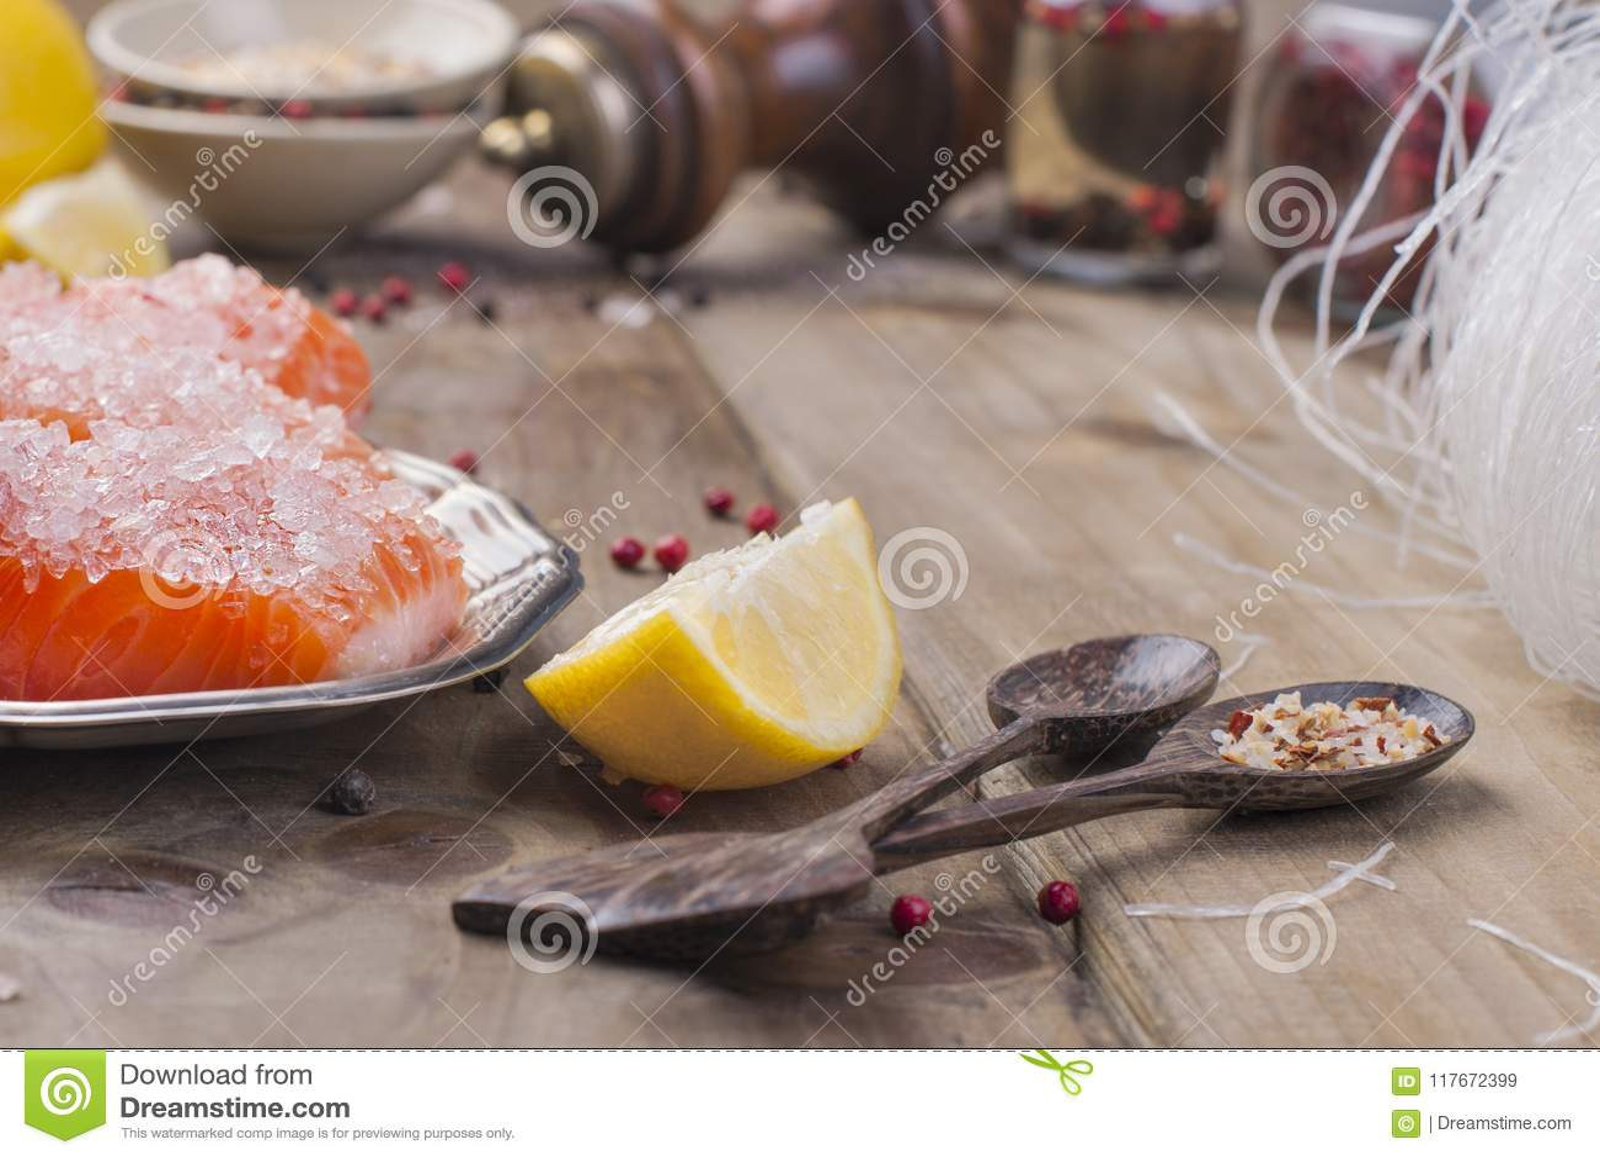 Tajlandzki jedzenie, składniki Ryżowi kluski, łosoś, cytryna i pikantność, żywienioniowy jedzenie Stil wabi sabi zdrowa żywność D